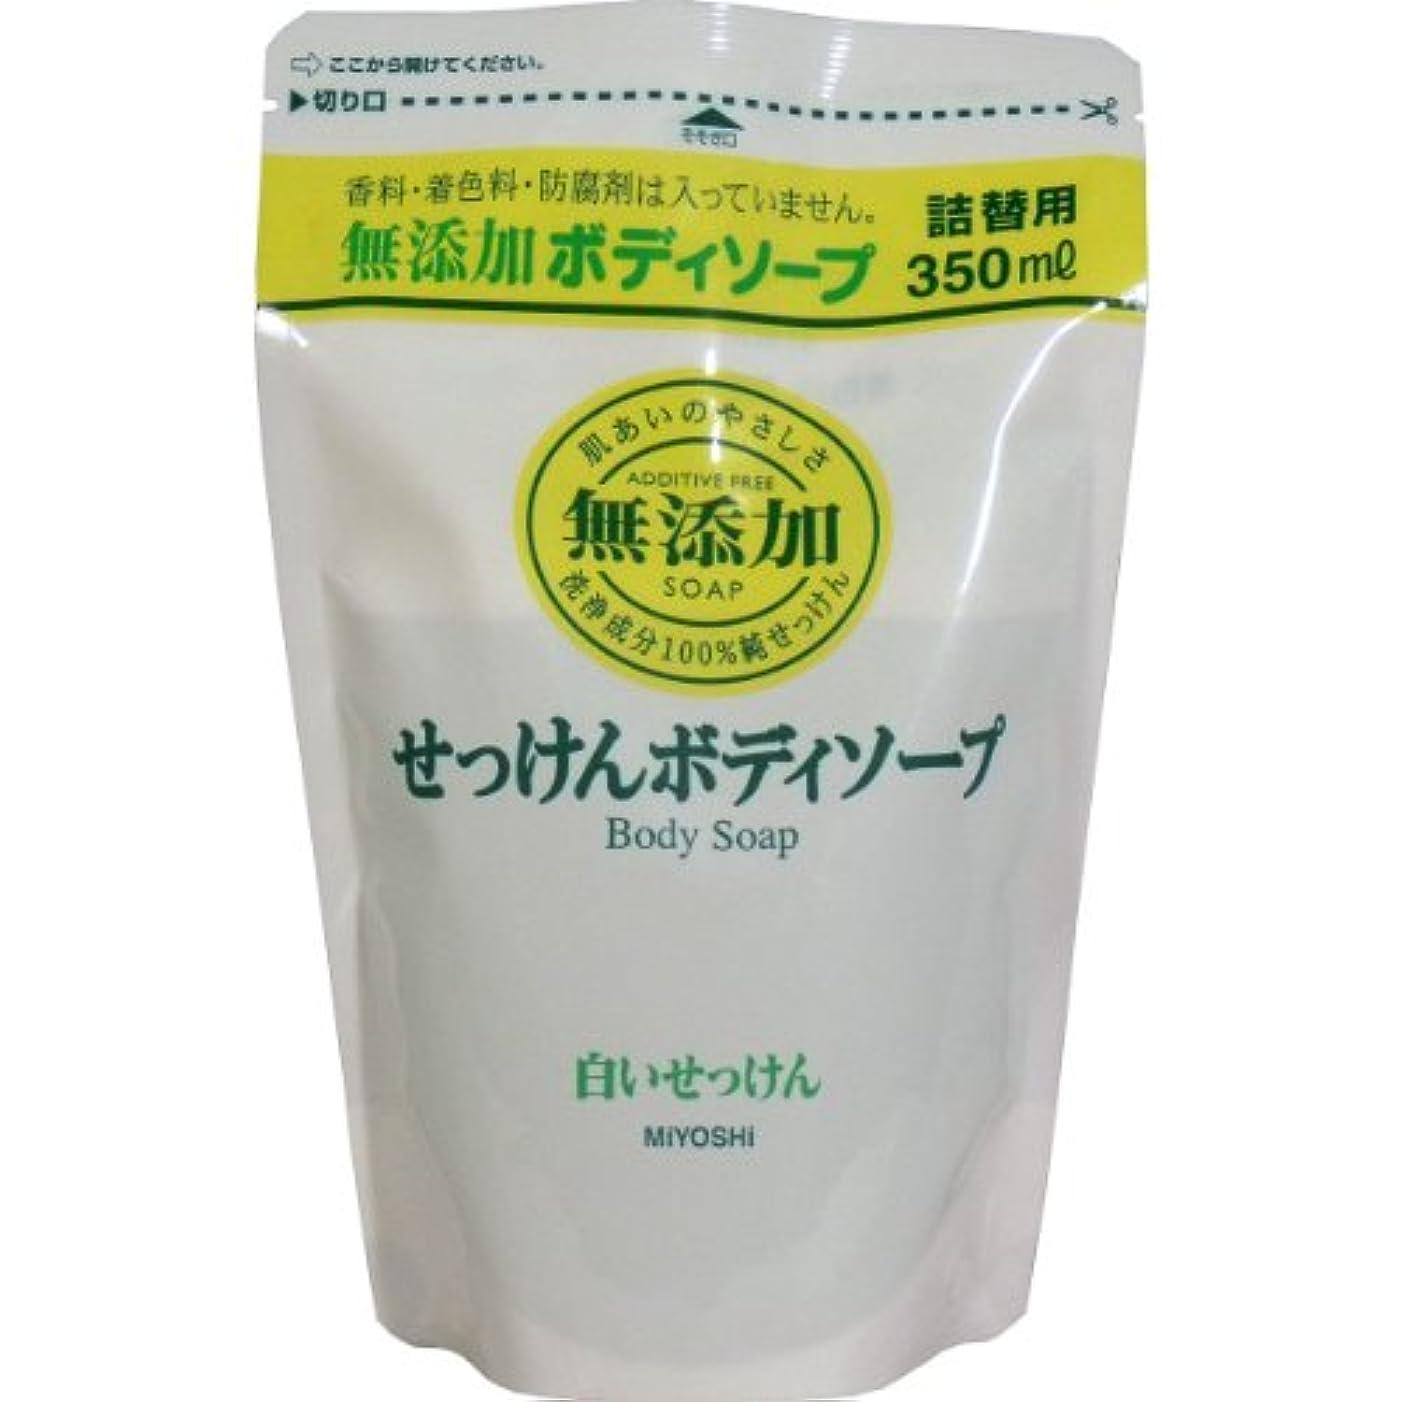 保育園谷そこミヨシ石鹸 無添加 ボディソープ 白い石けん つめかえ用 350ml×20個セット(無添加石鹸)